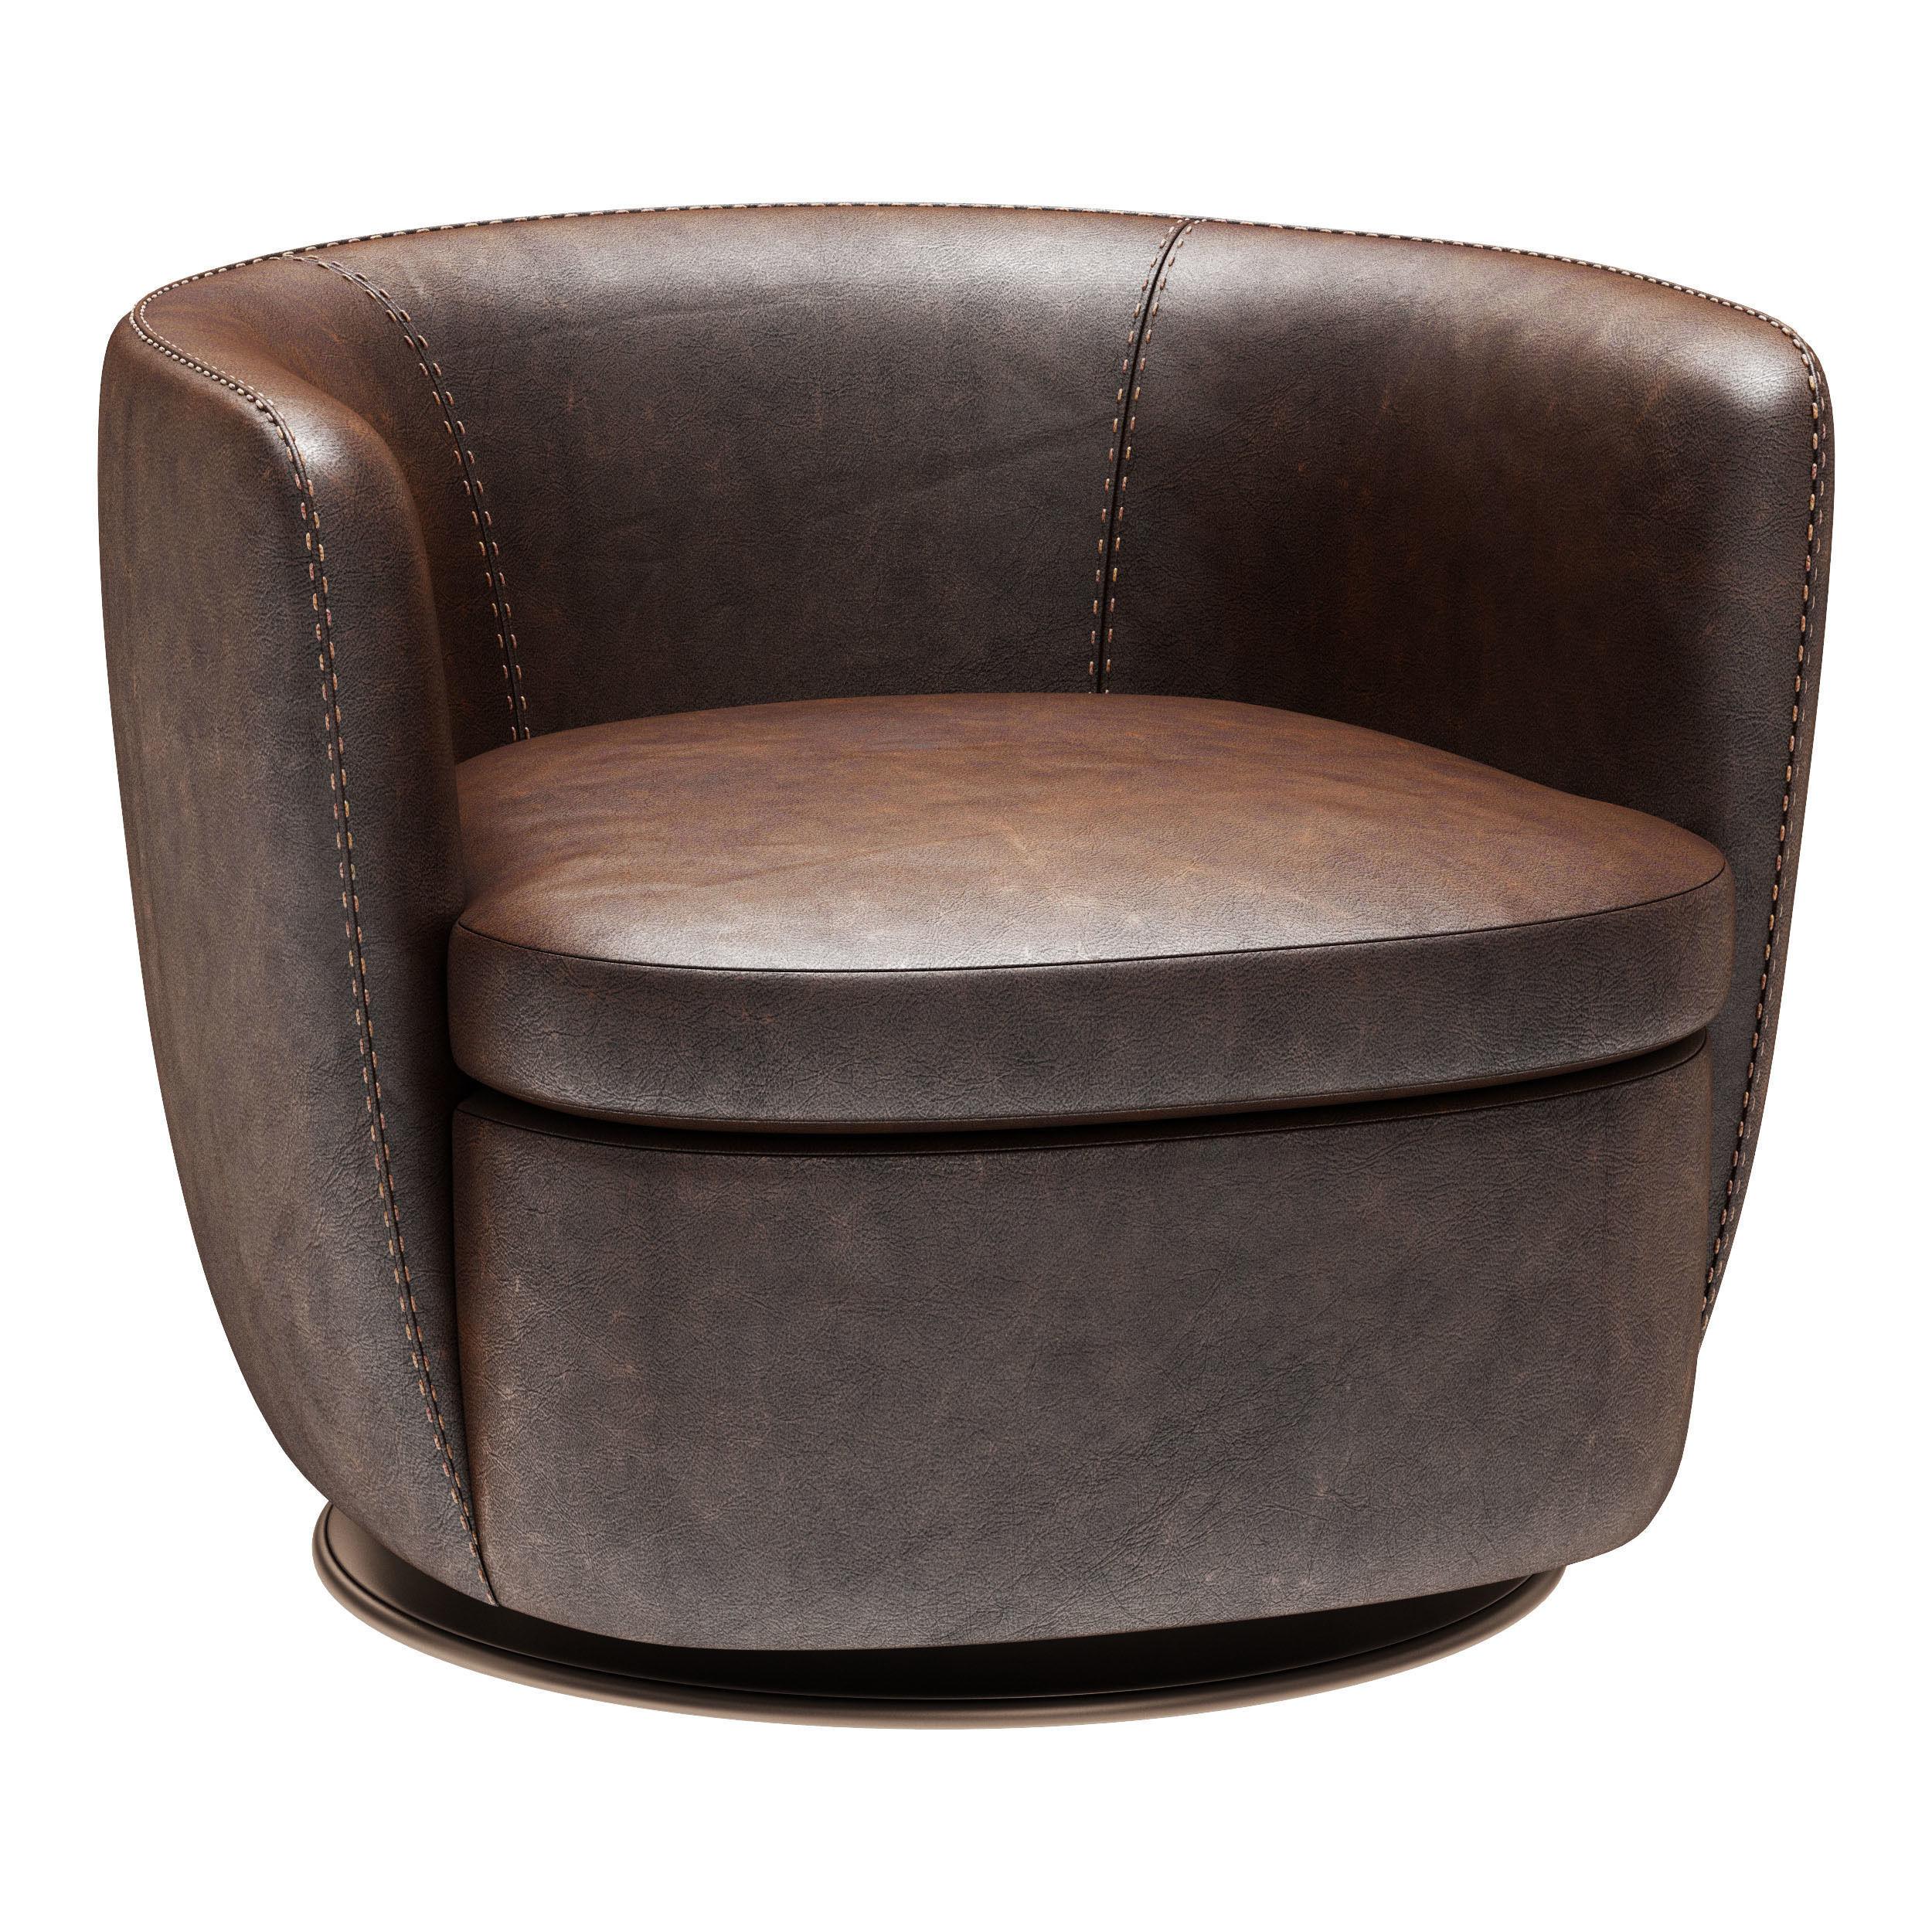 Restoration Hardware Klein Leather Swivel Chair